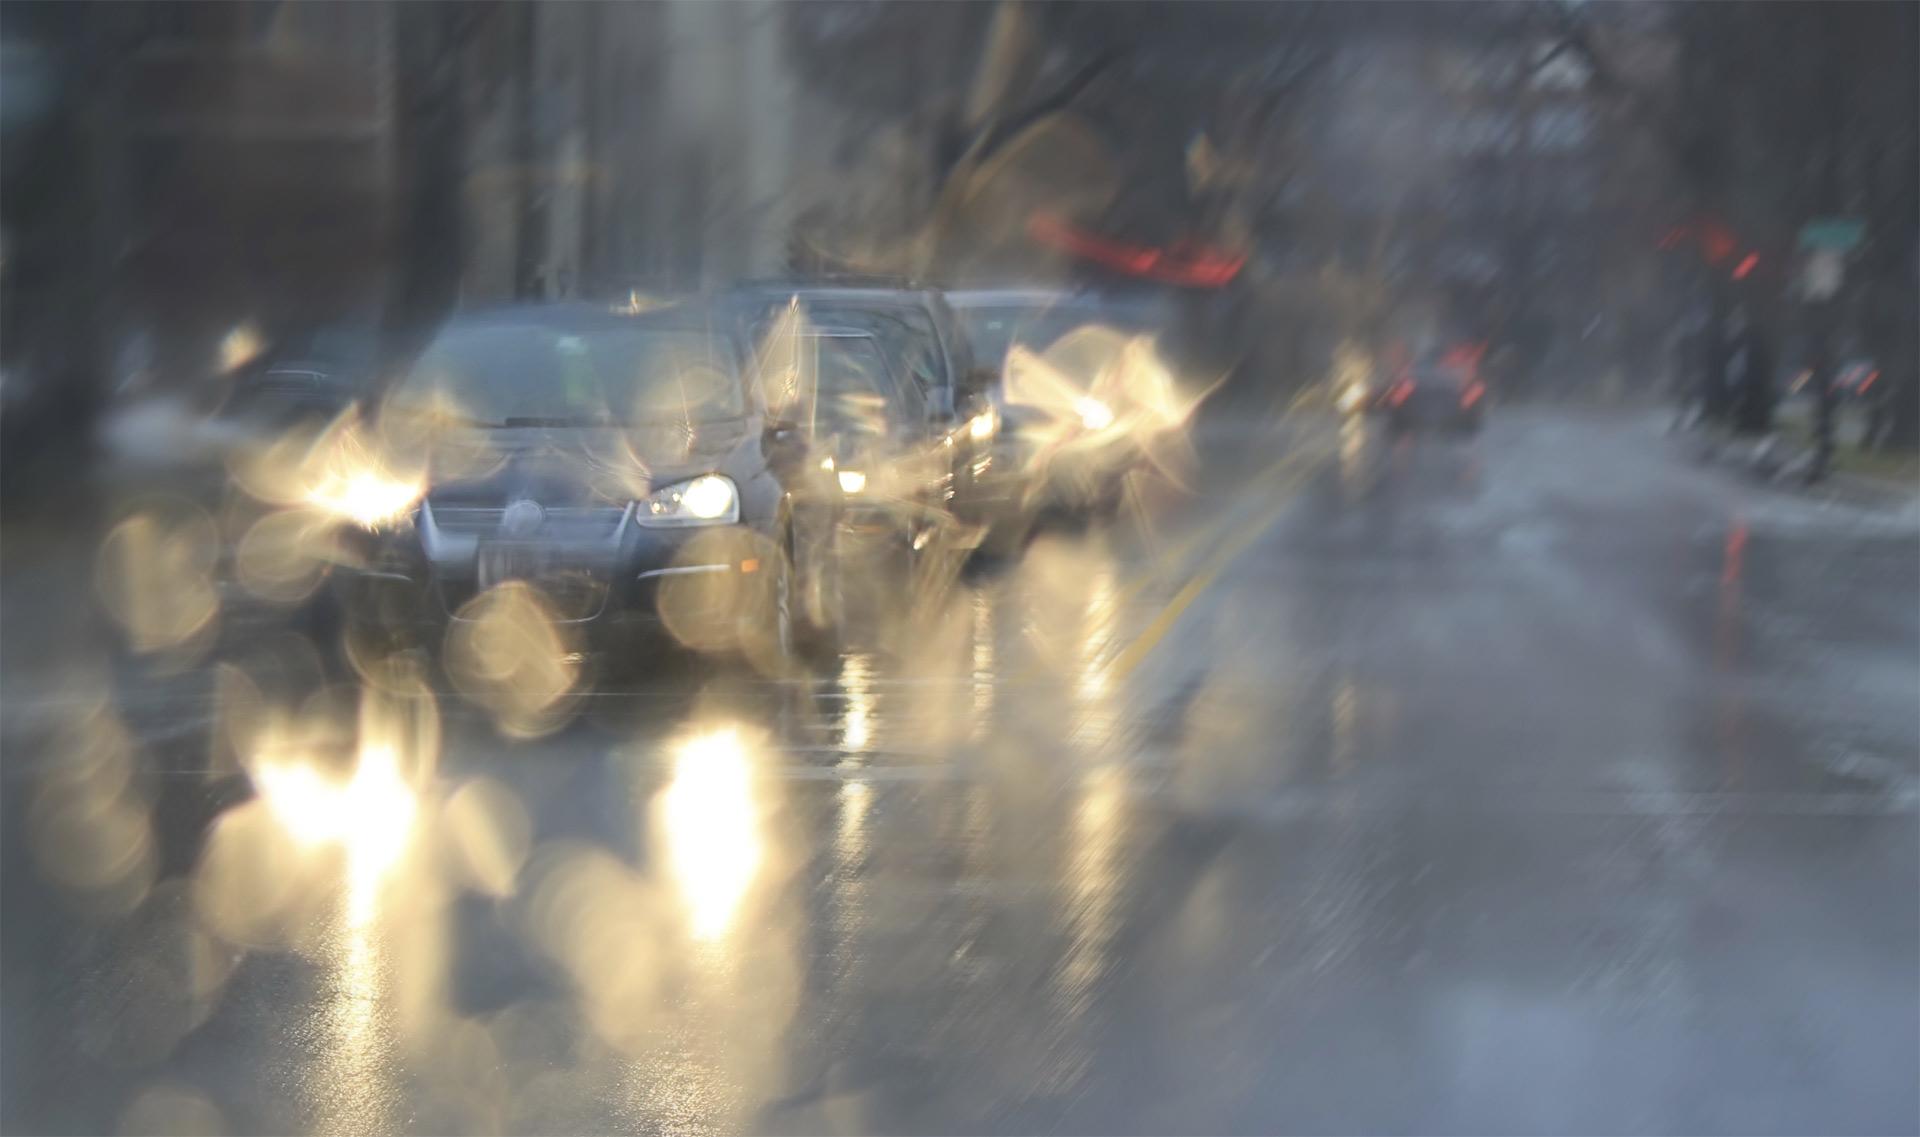 Fuertes vientos derrumbaron torres de alta tensión en las cercanías de Montevideo, pero no se reportaron víctimas fatales